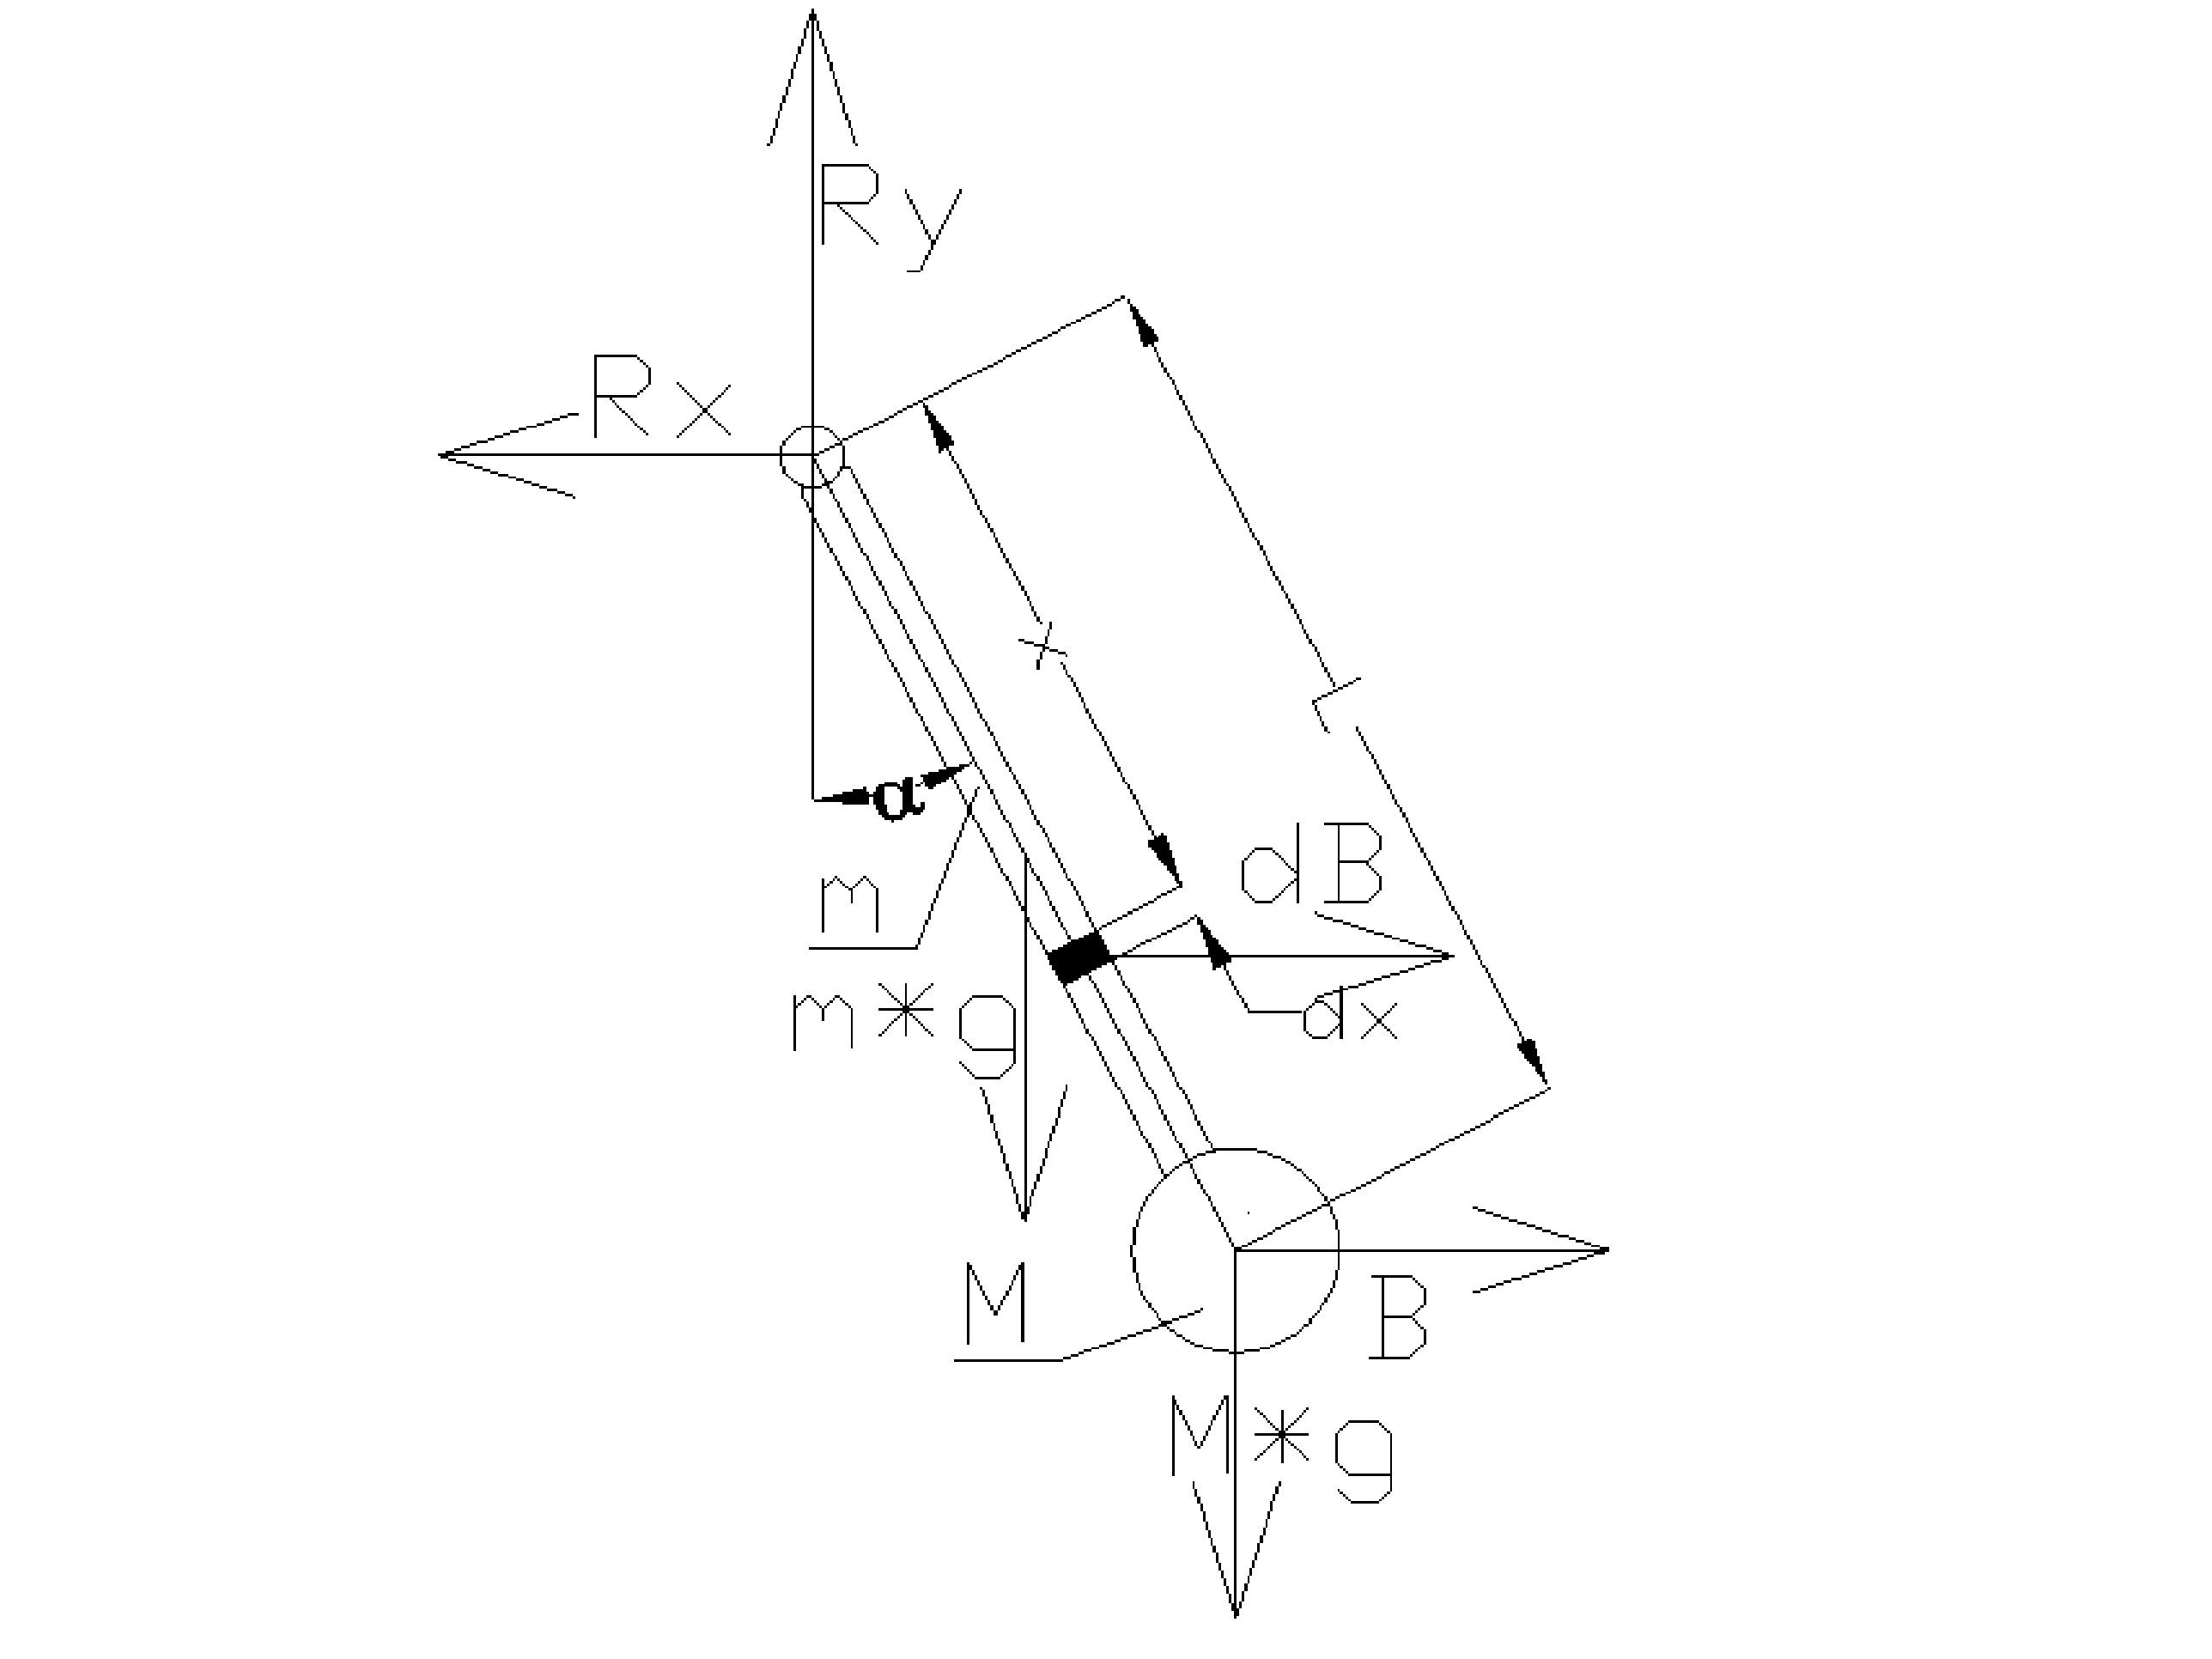 dynamika8 - Dynamika - ruch obrotowy - regulator - zadanie 20